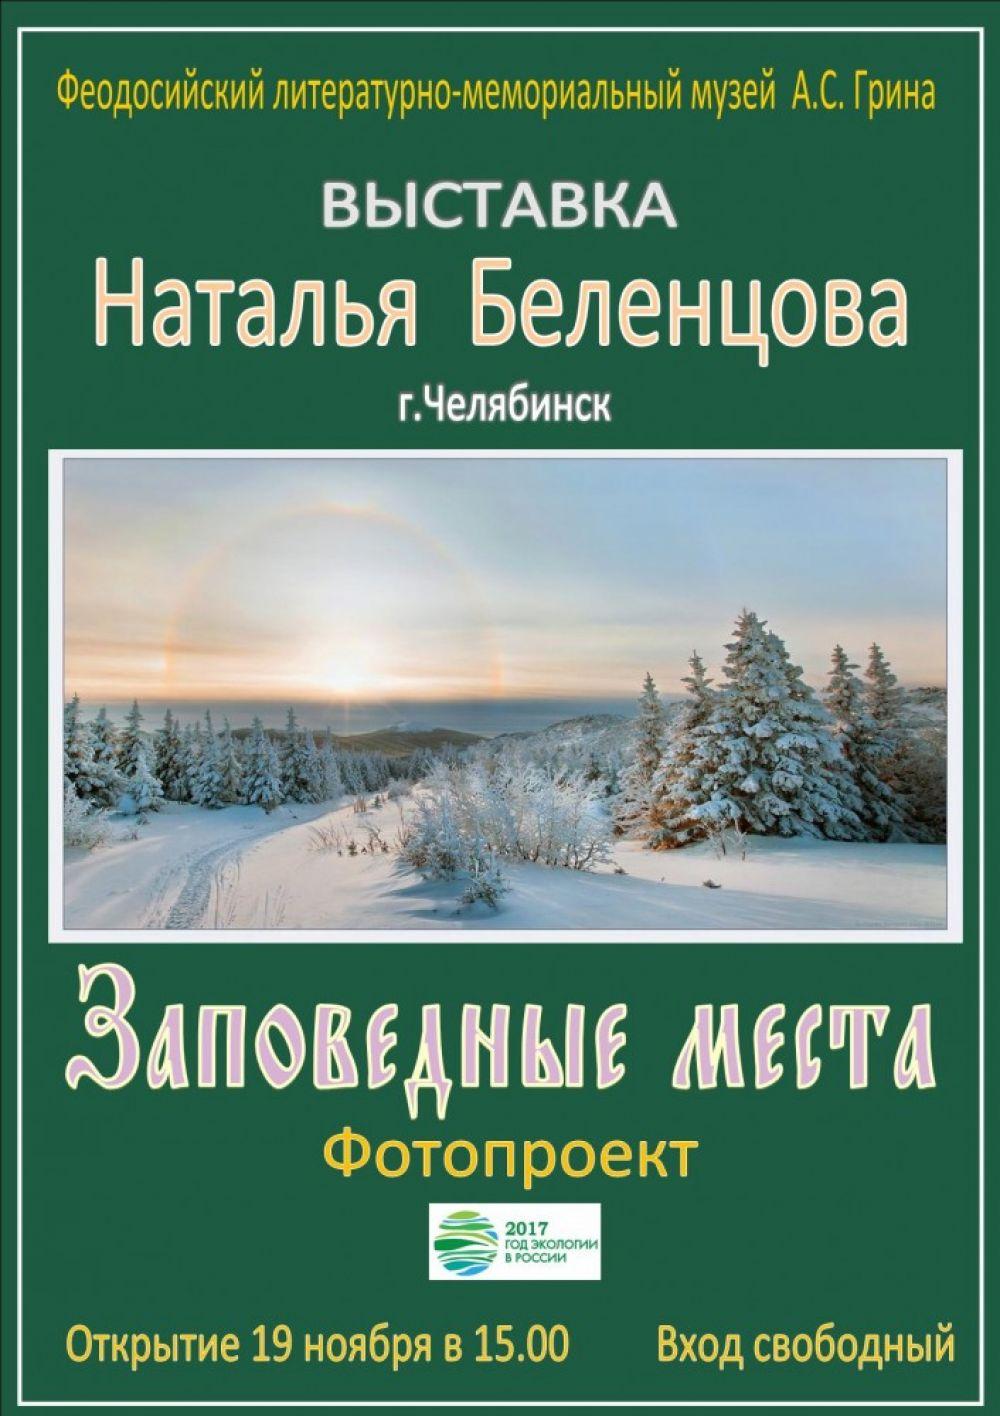 Феодосийский музей Грина покажет фотопейзажи Южного Урала